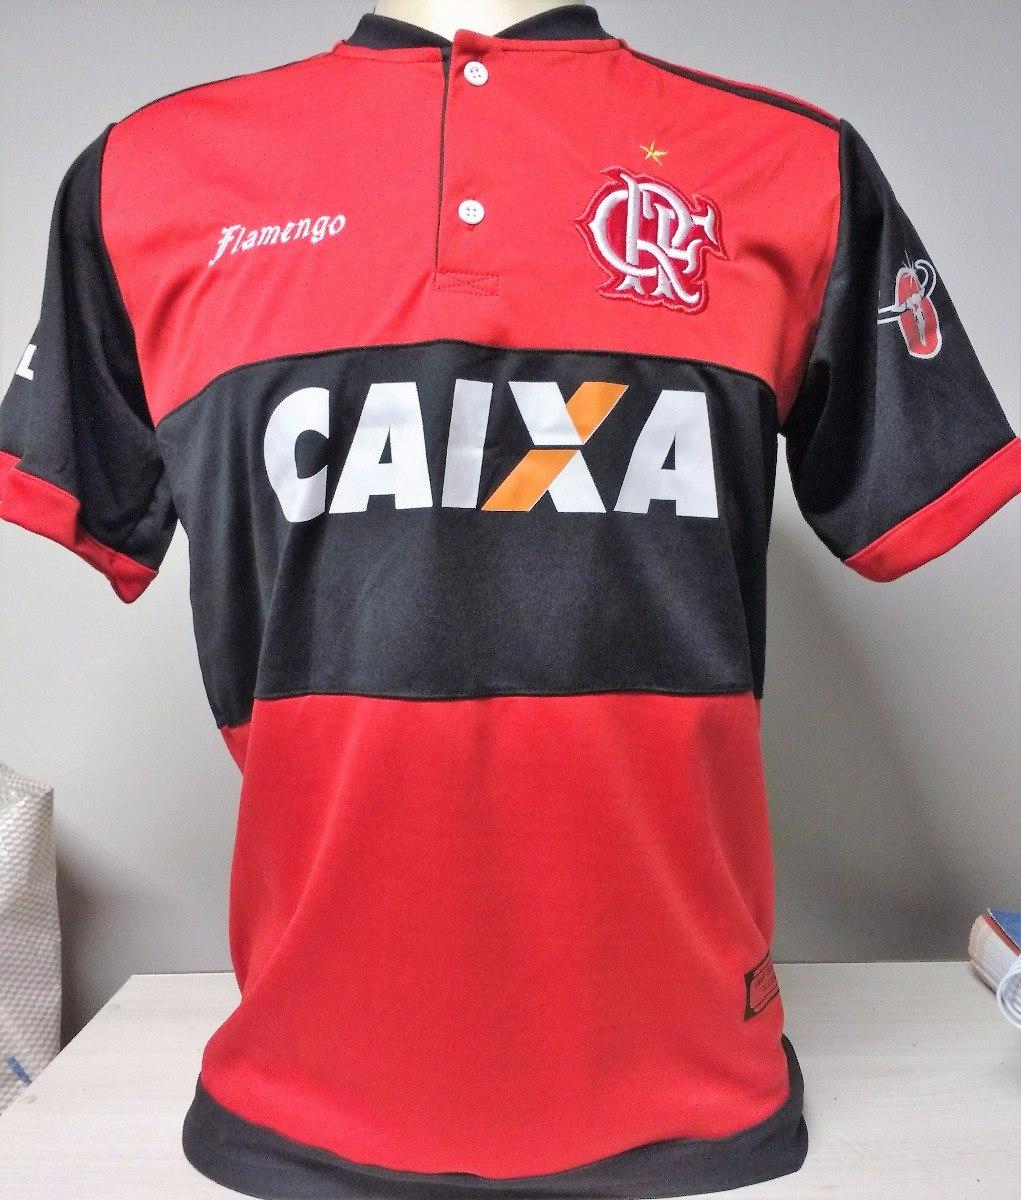 Camisa Flamengo Atacado Rubro Negro 2017 18 Kit 12 Peças - R  428 b90d01895e7e5